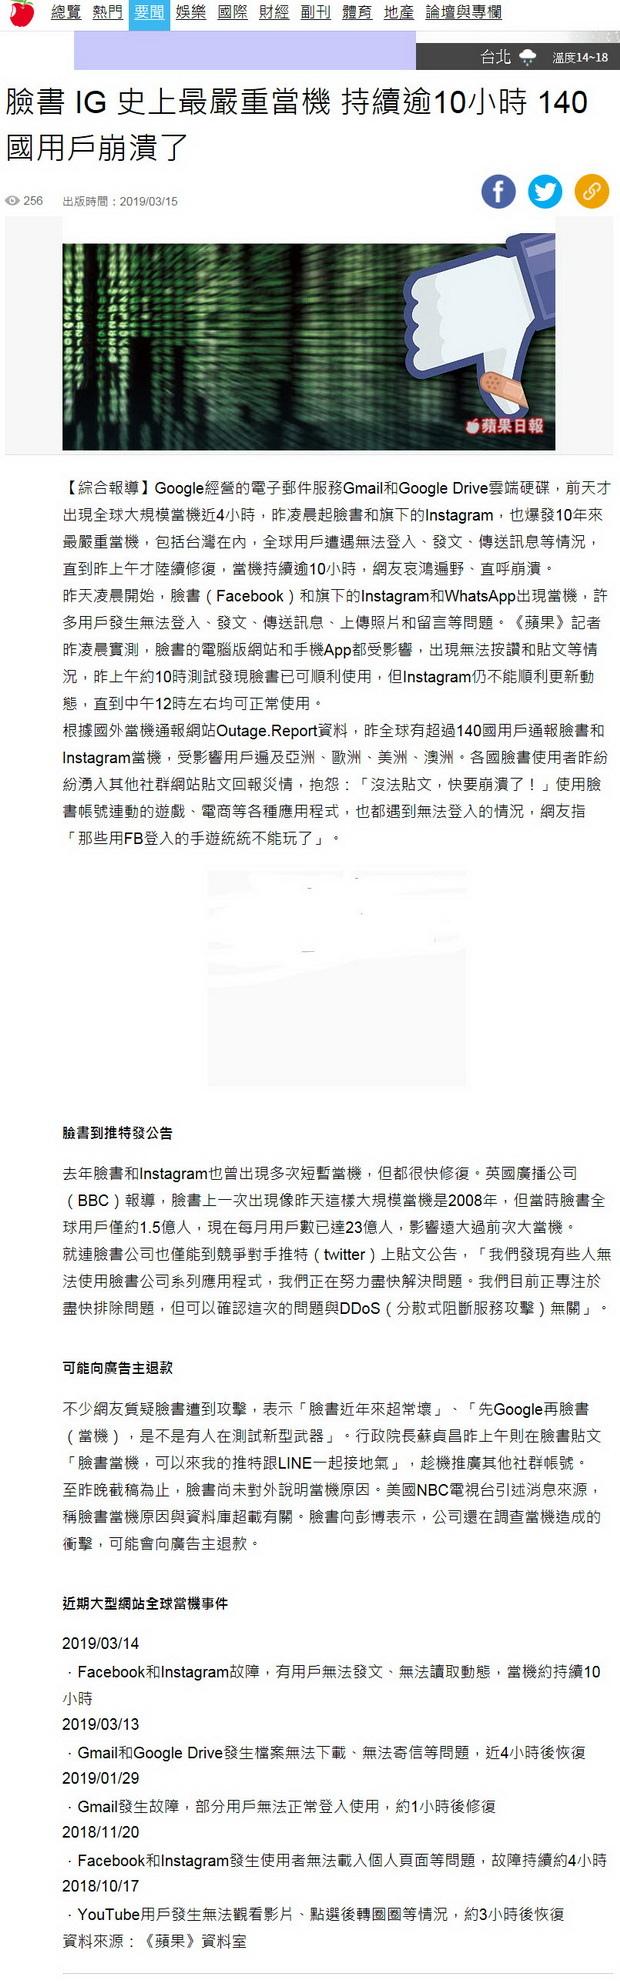 臉書 IG 史上最嚴重當機 持續逾10小時 140國用戶崩潰了-2019.03.15.jpg